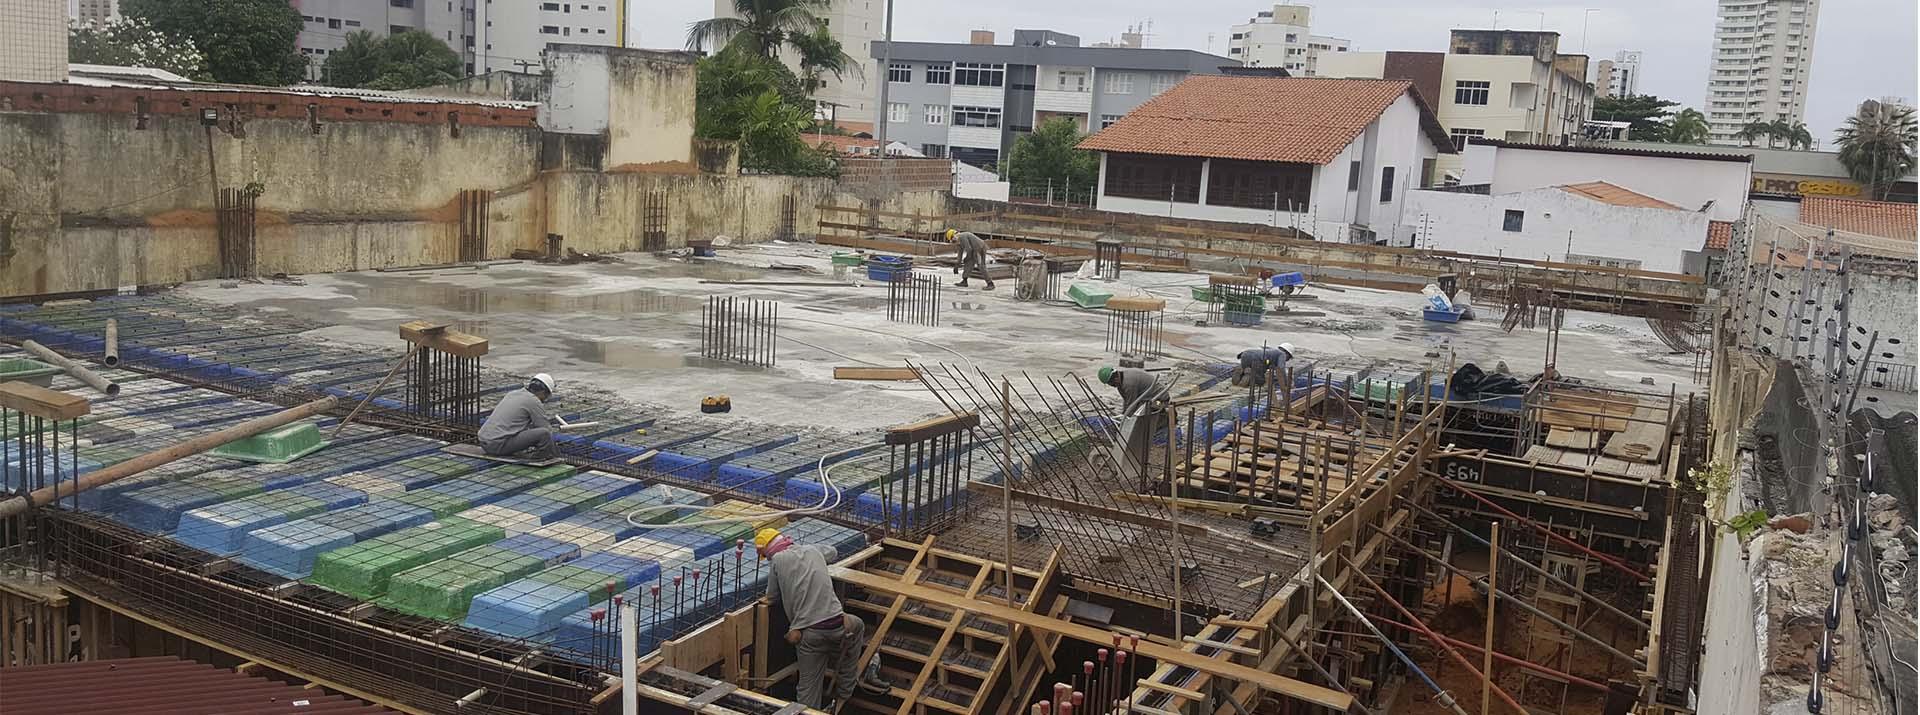 Vista Frontal Canteiro de Obra - Etapa Estrutura do Pavimento Térreo - julho 2018